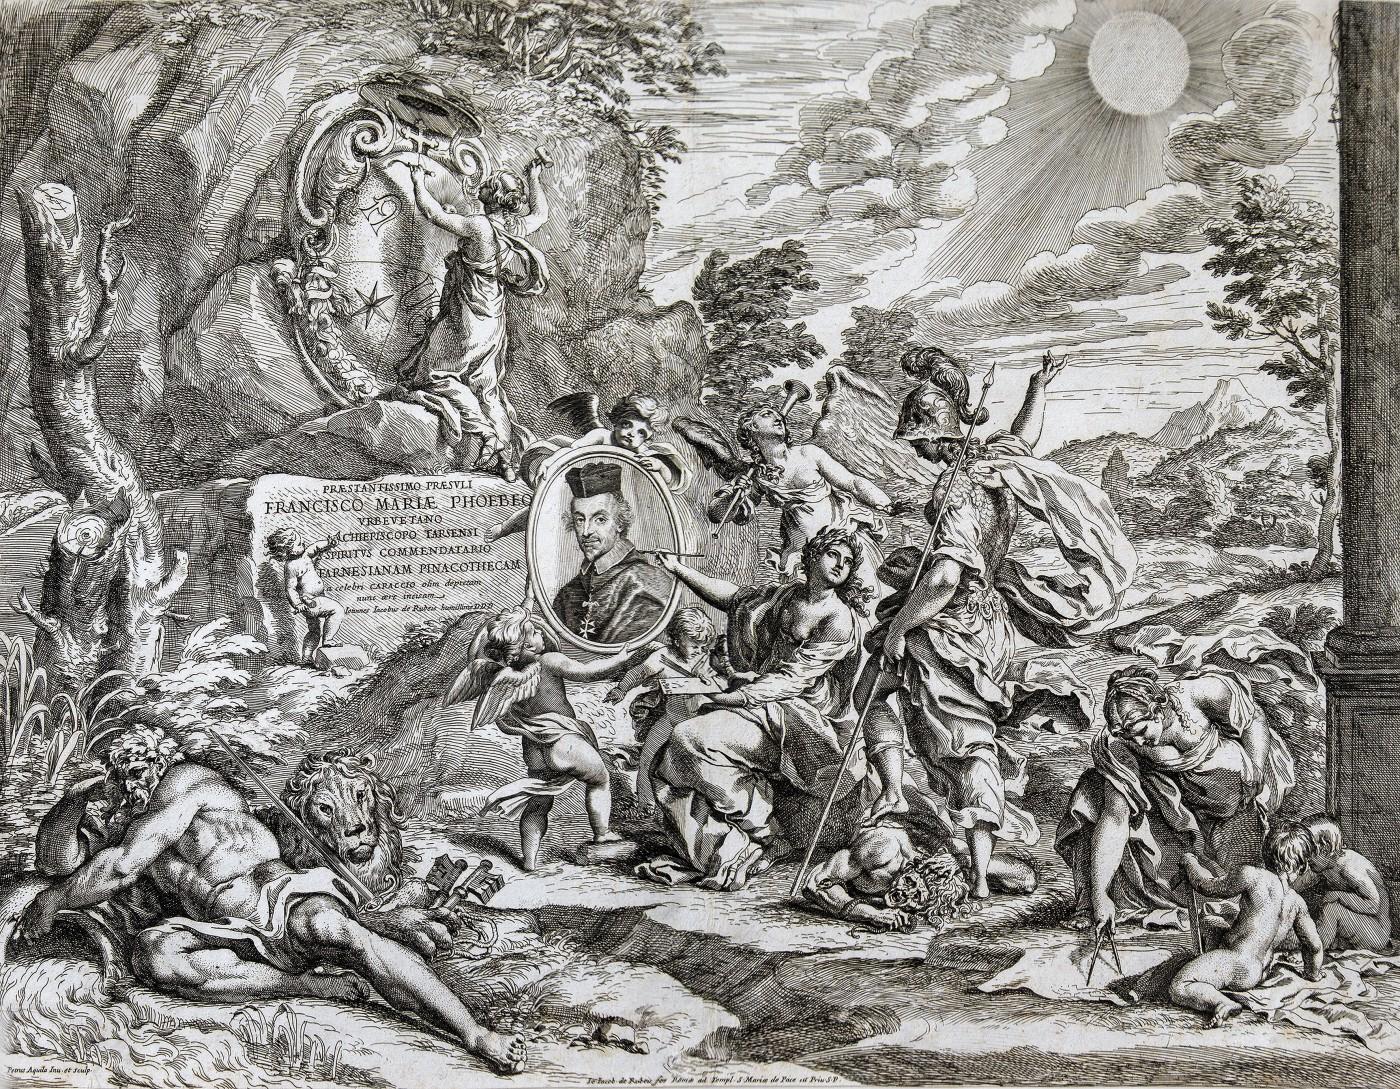 Dedication page to archbishop Francesco Maria Febei. 1674